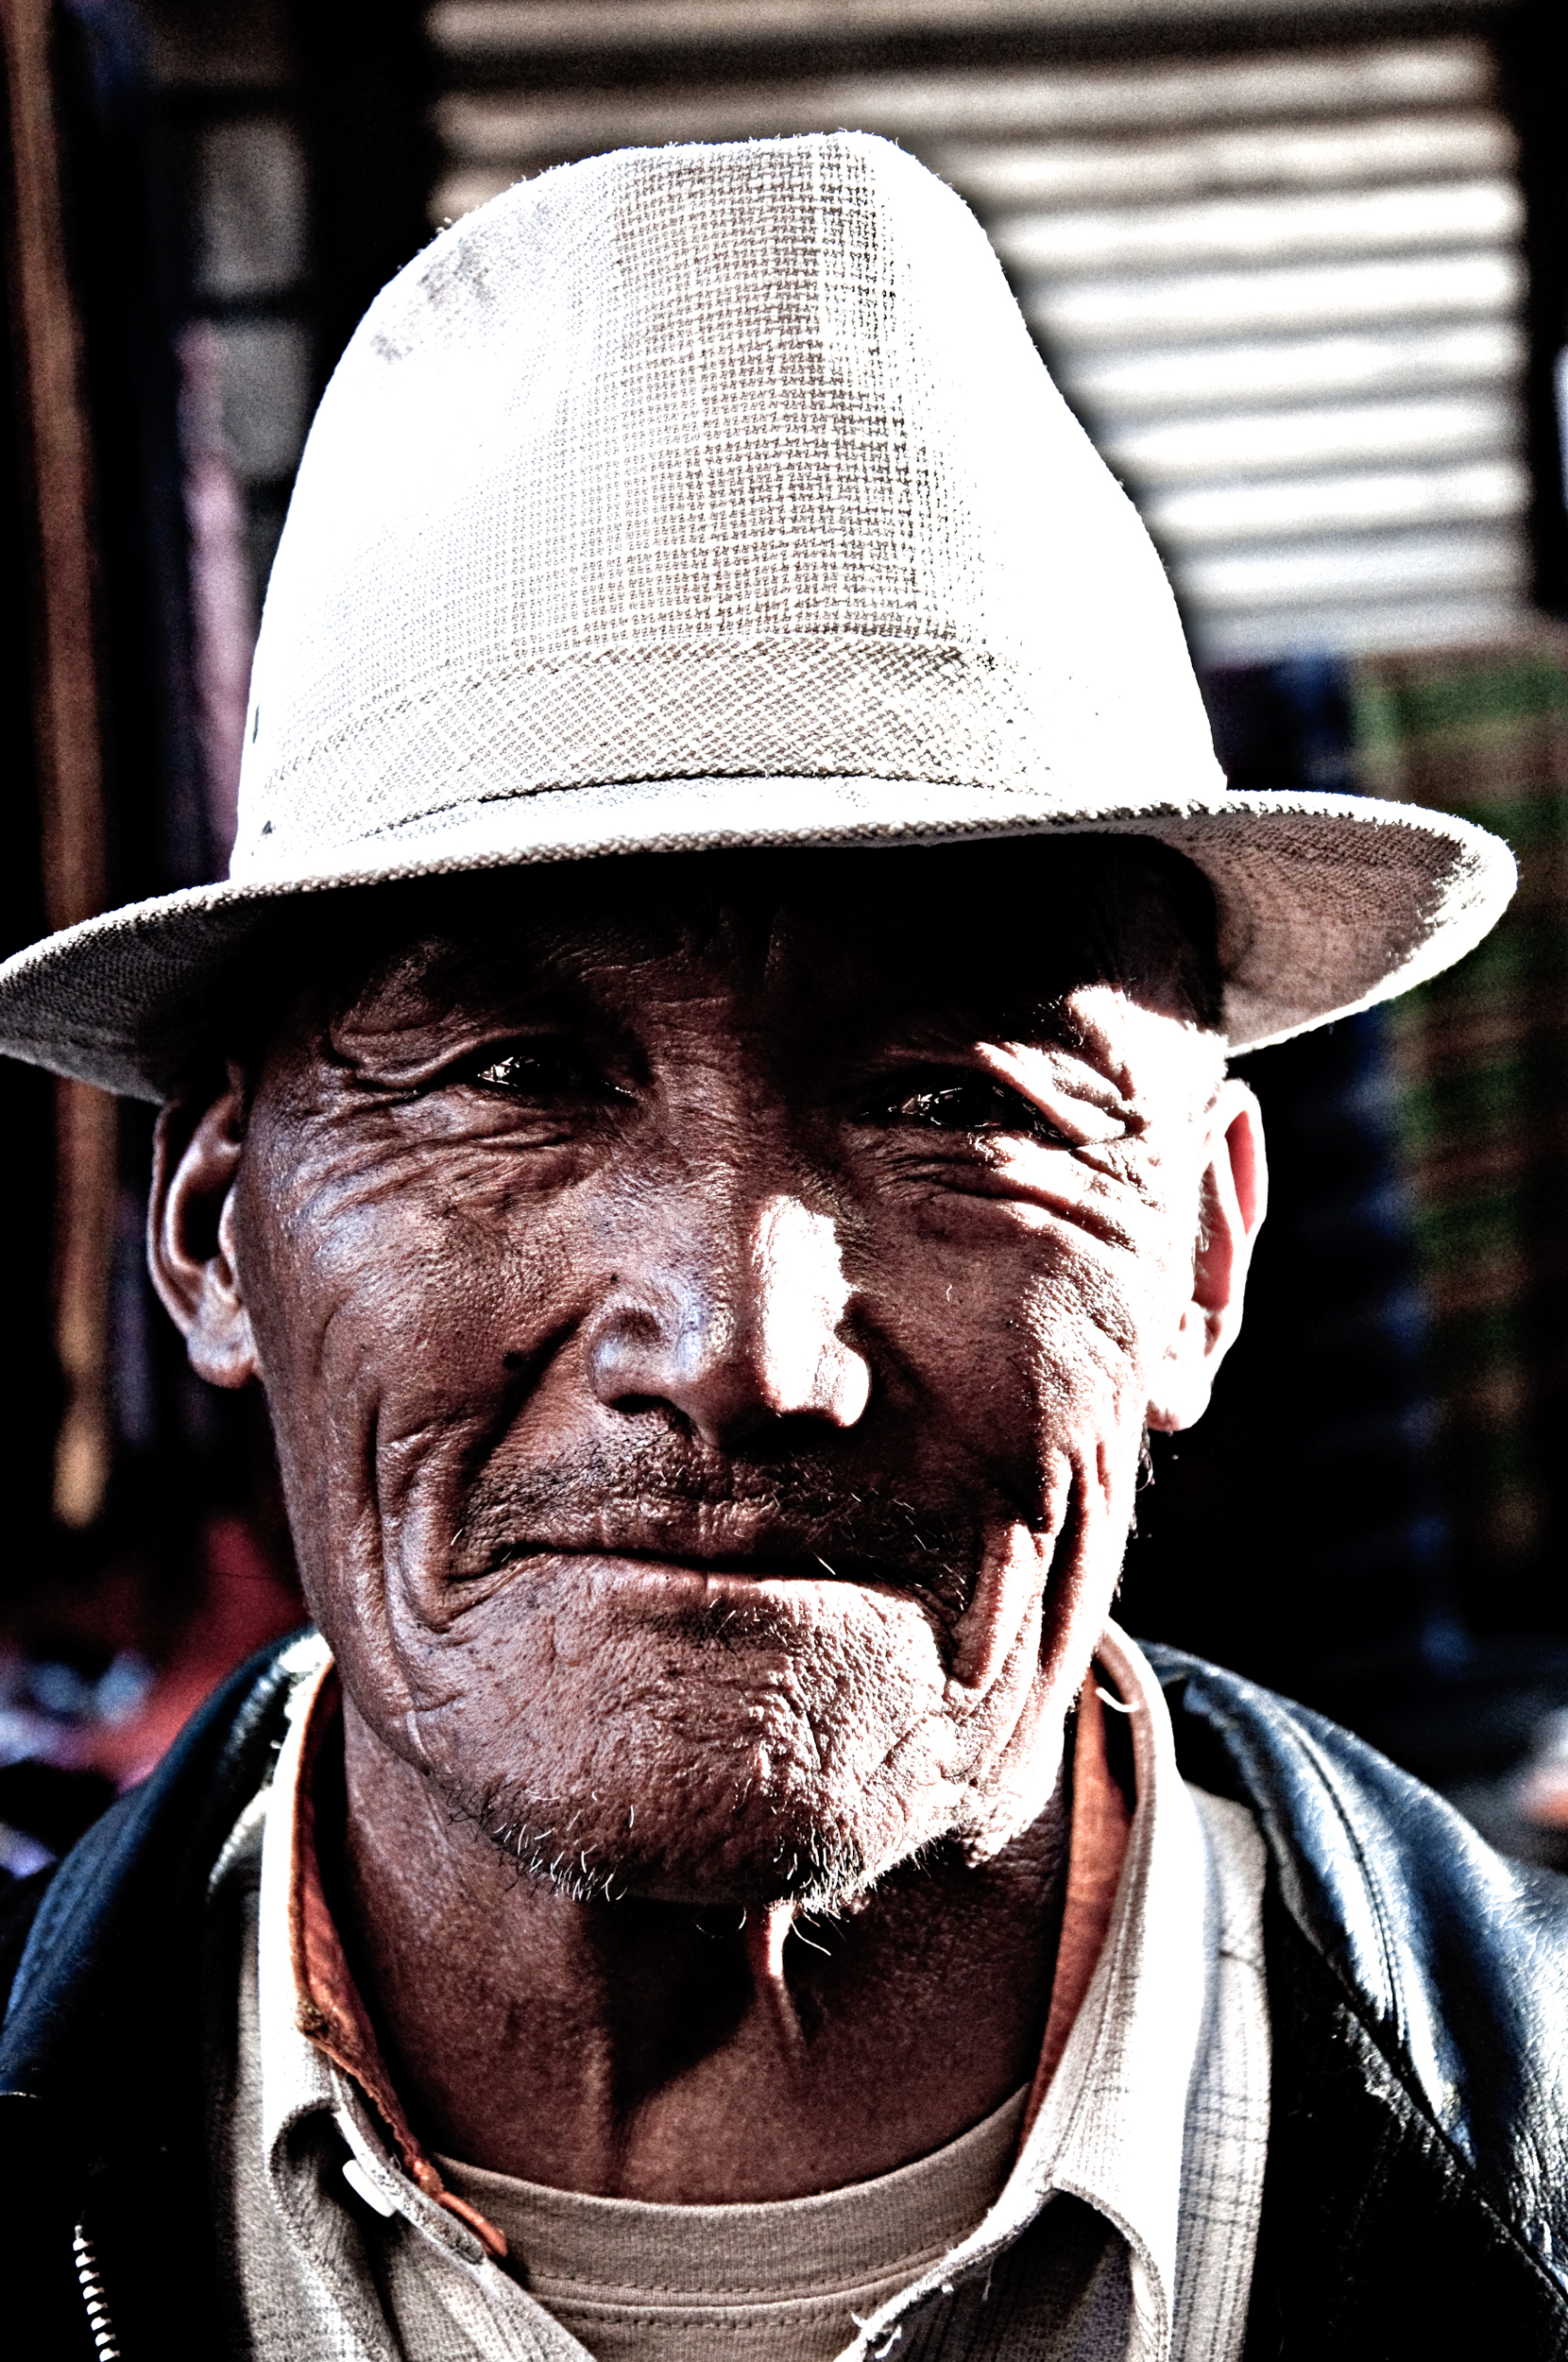 20091027-TIBET.GRANDFATHER.jpg